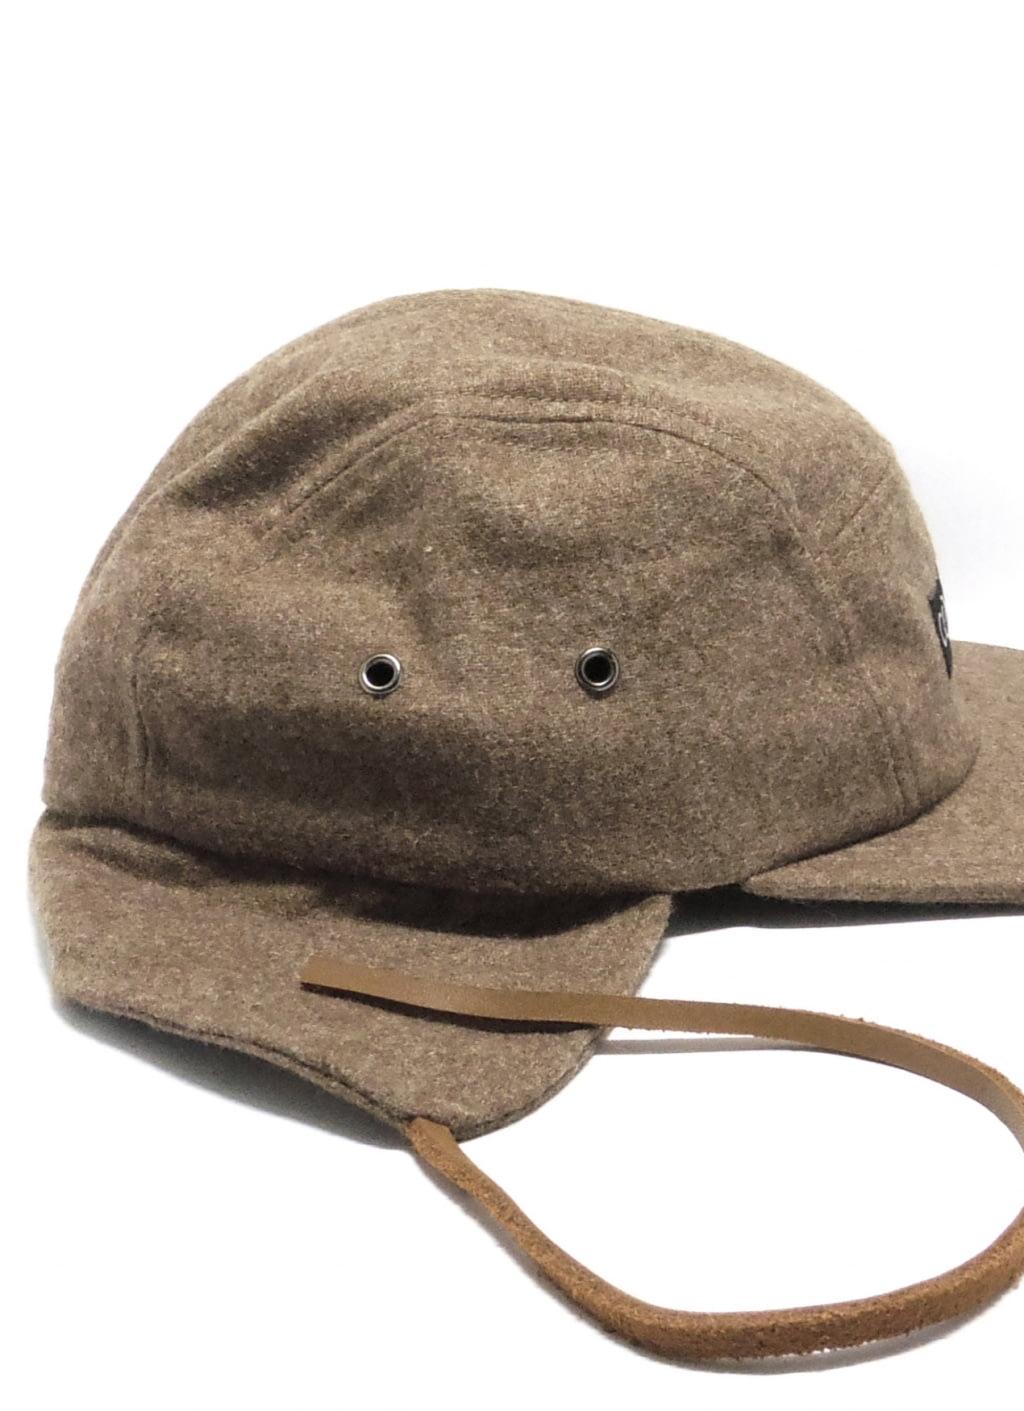 Jual Cool Caps Brown 5 Panel Flap Cap 100 Original Bobobobo Kepala Untuk Renang